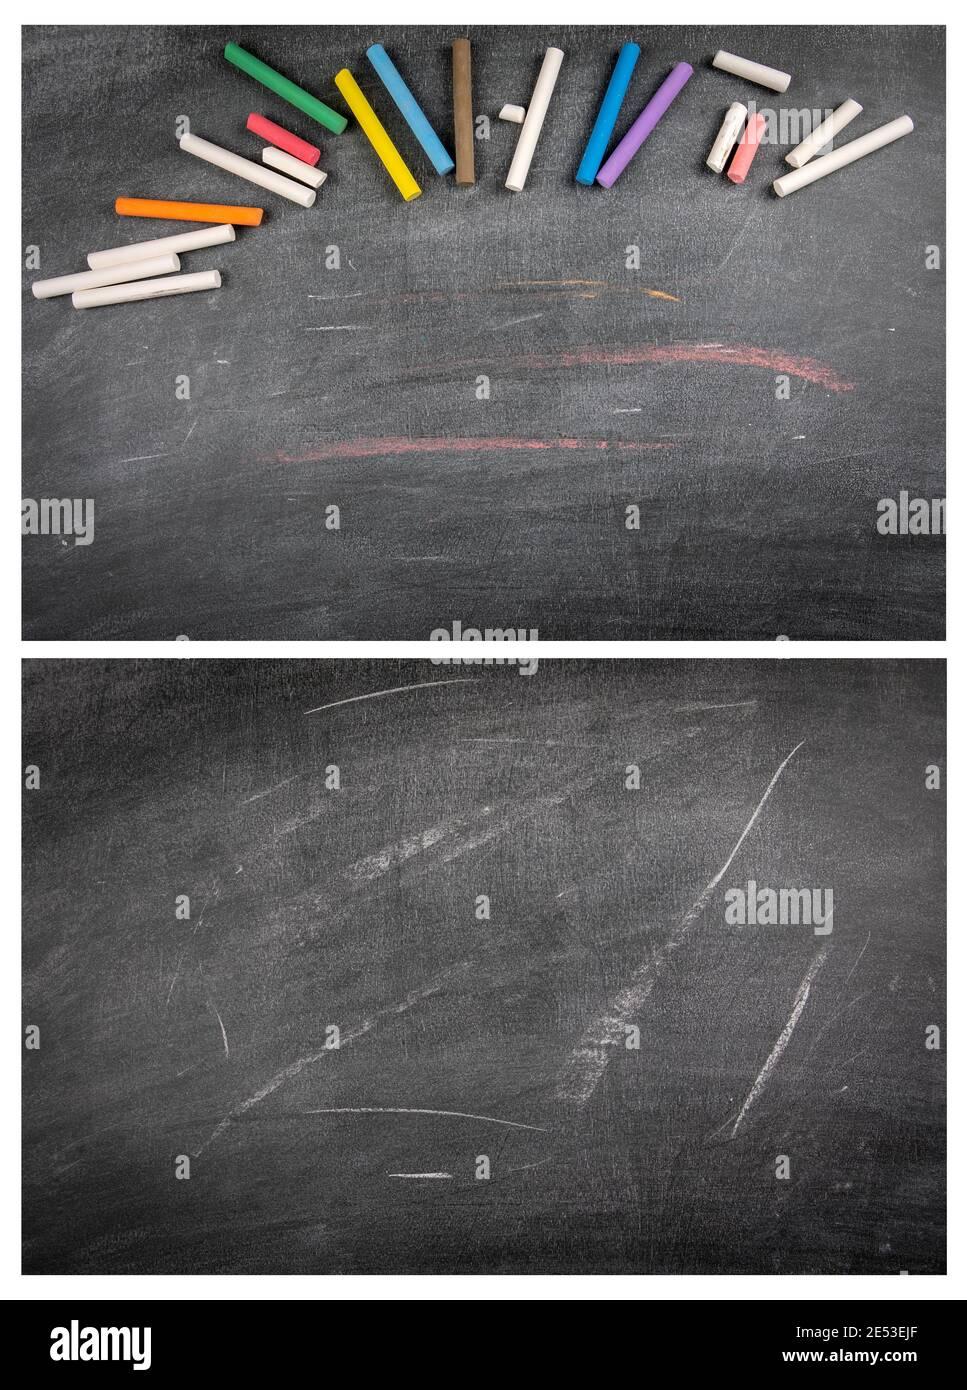 Tableaux noirs à craie avec morceaux de craie. Rayures et lignes blanches. Espace pour le texte et les mises en plan, maquette. Banque D'Images